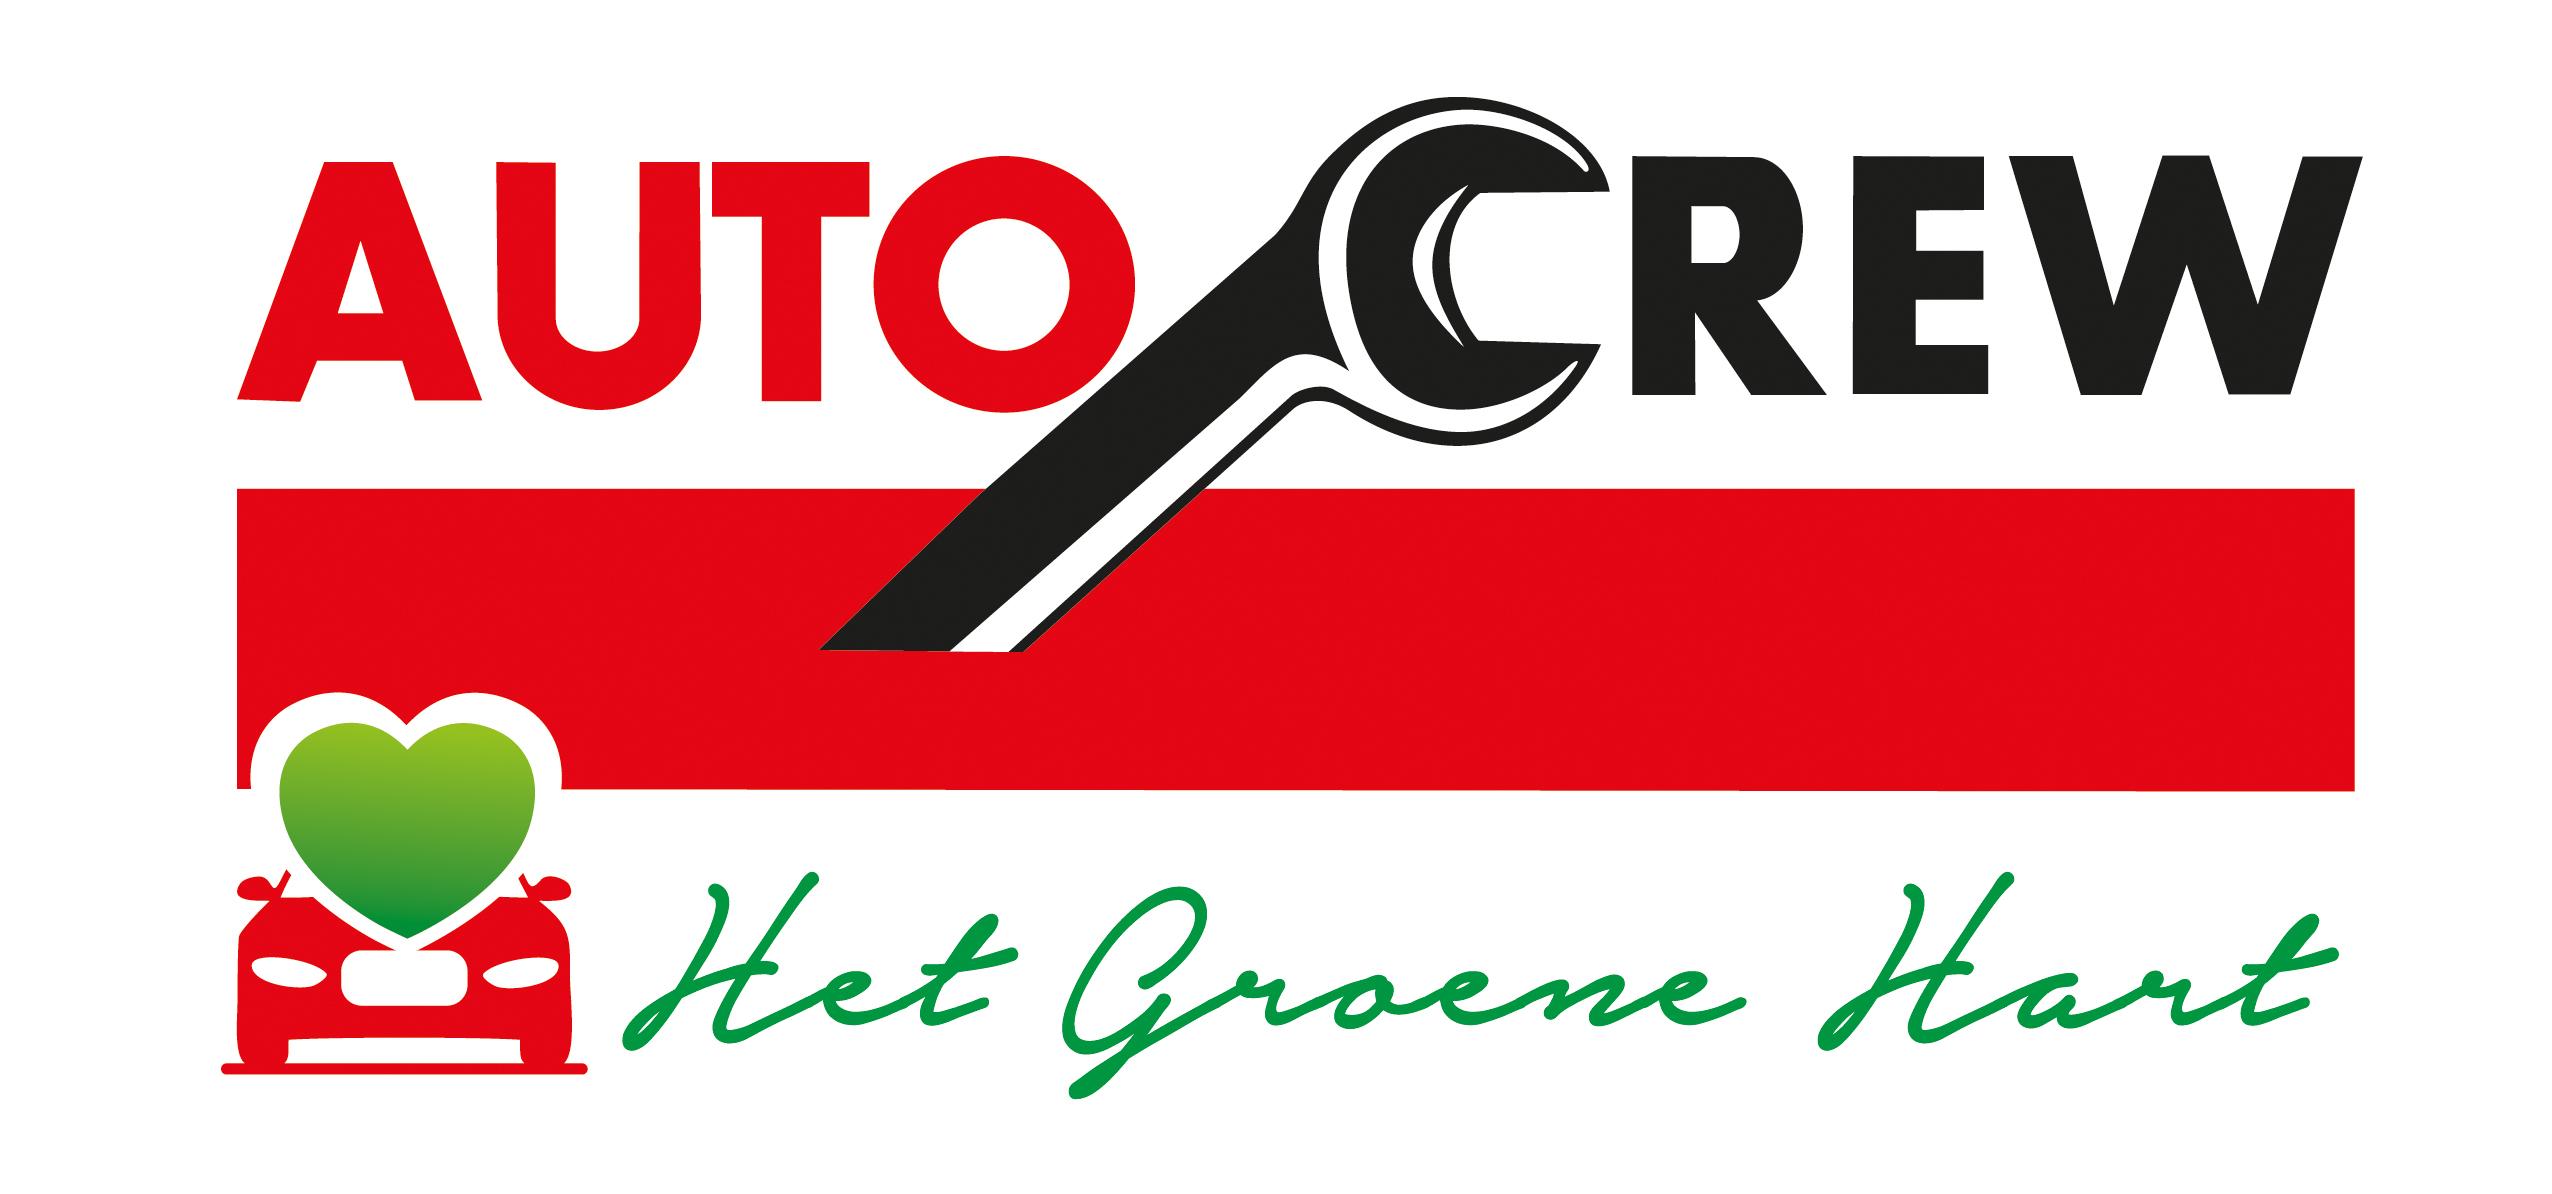 AutoCrew Het Groene Hart